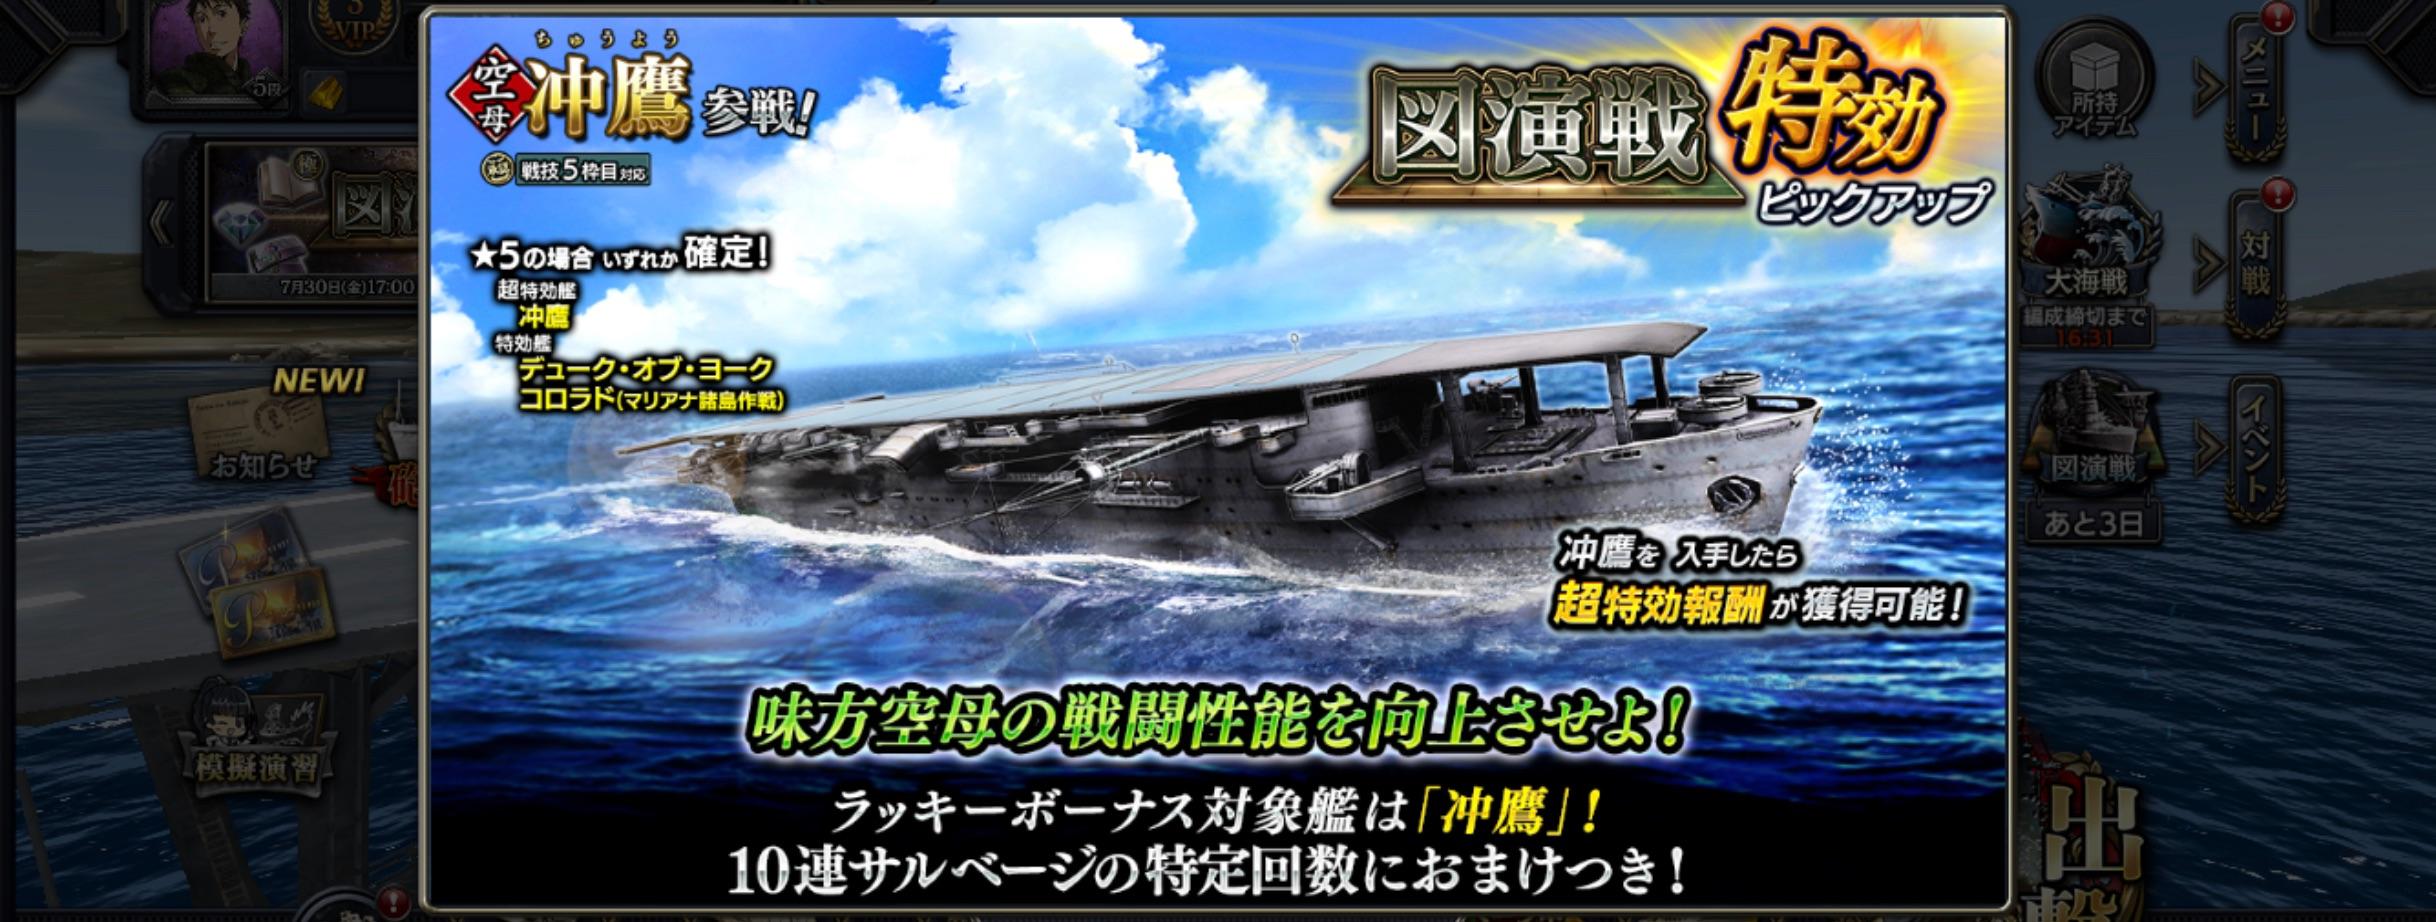 aircraft-carrier:Chuyo